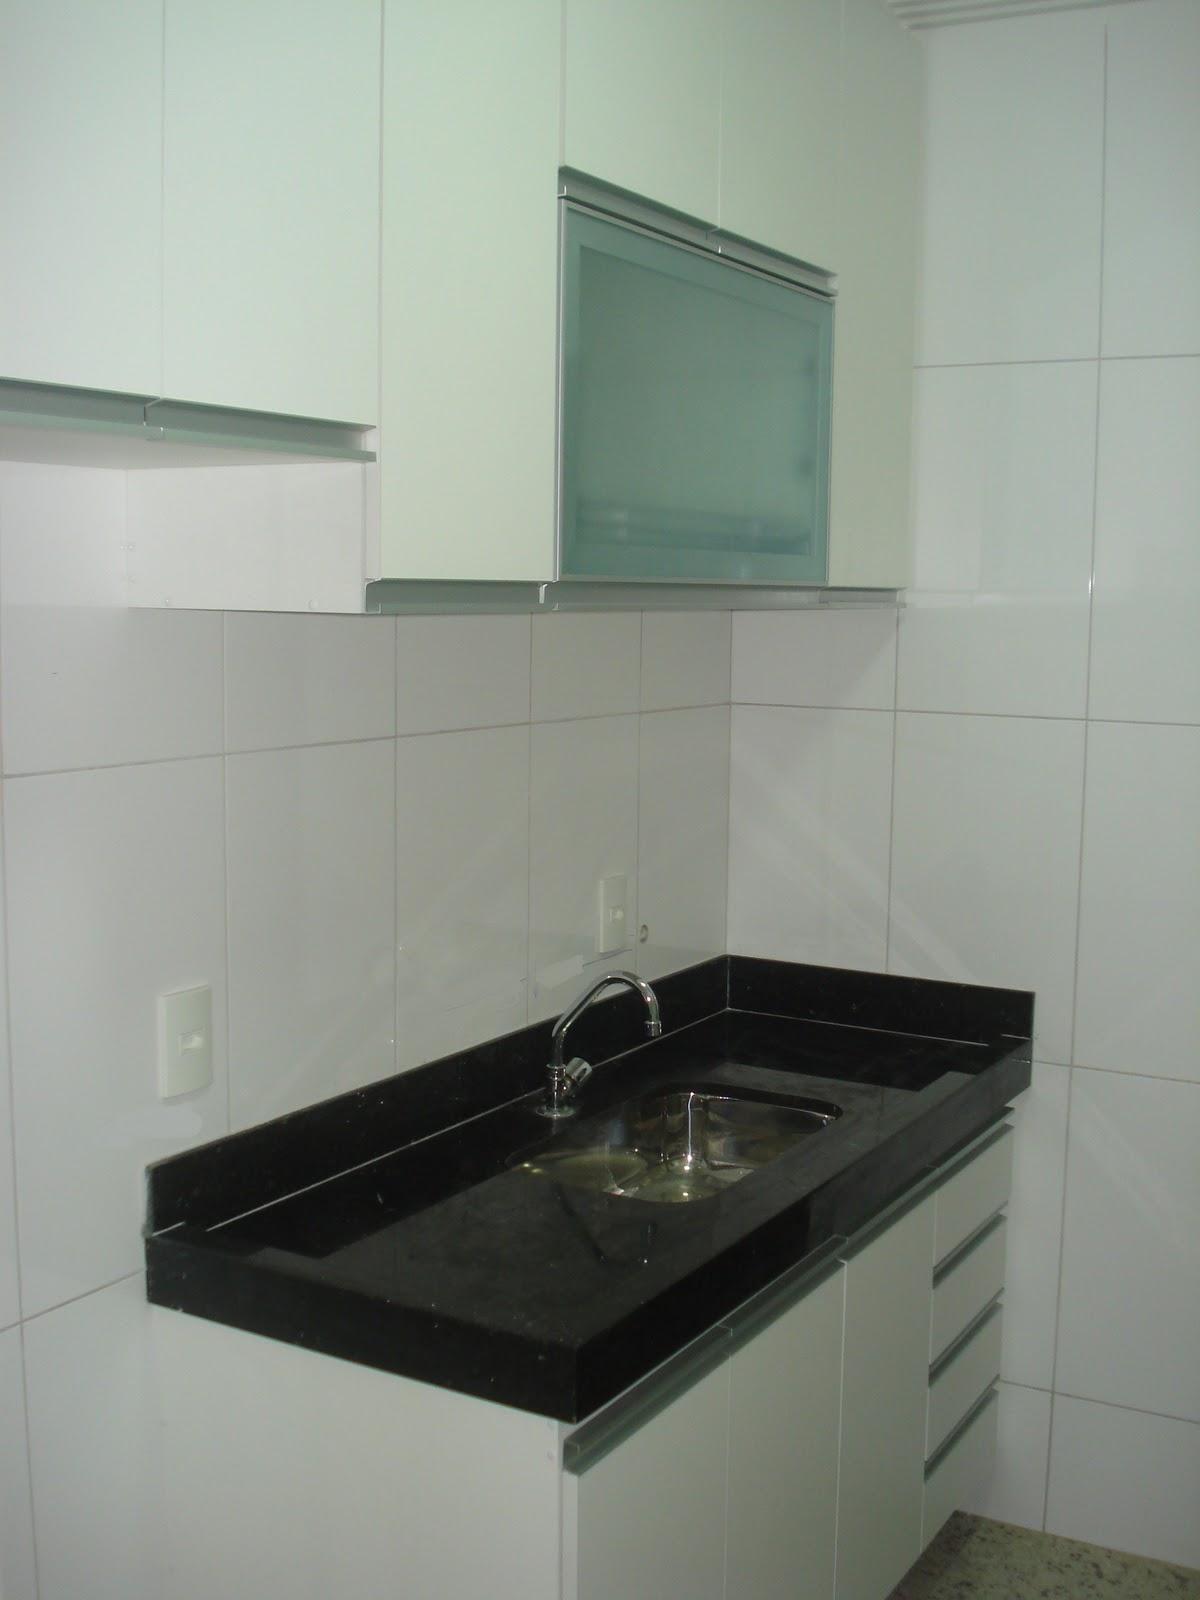 AMBIENTE IDEAL: Mudanças no projeto da cozinha e novas ideias. #526B60 1200 1600